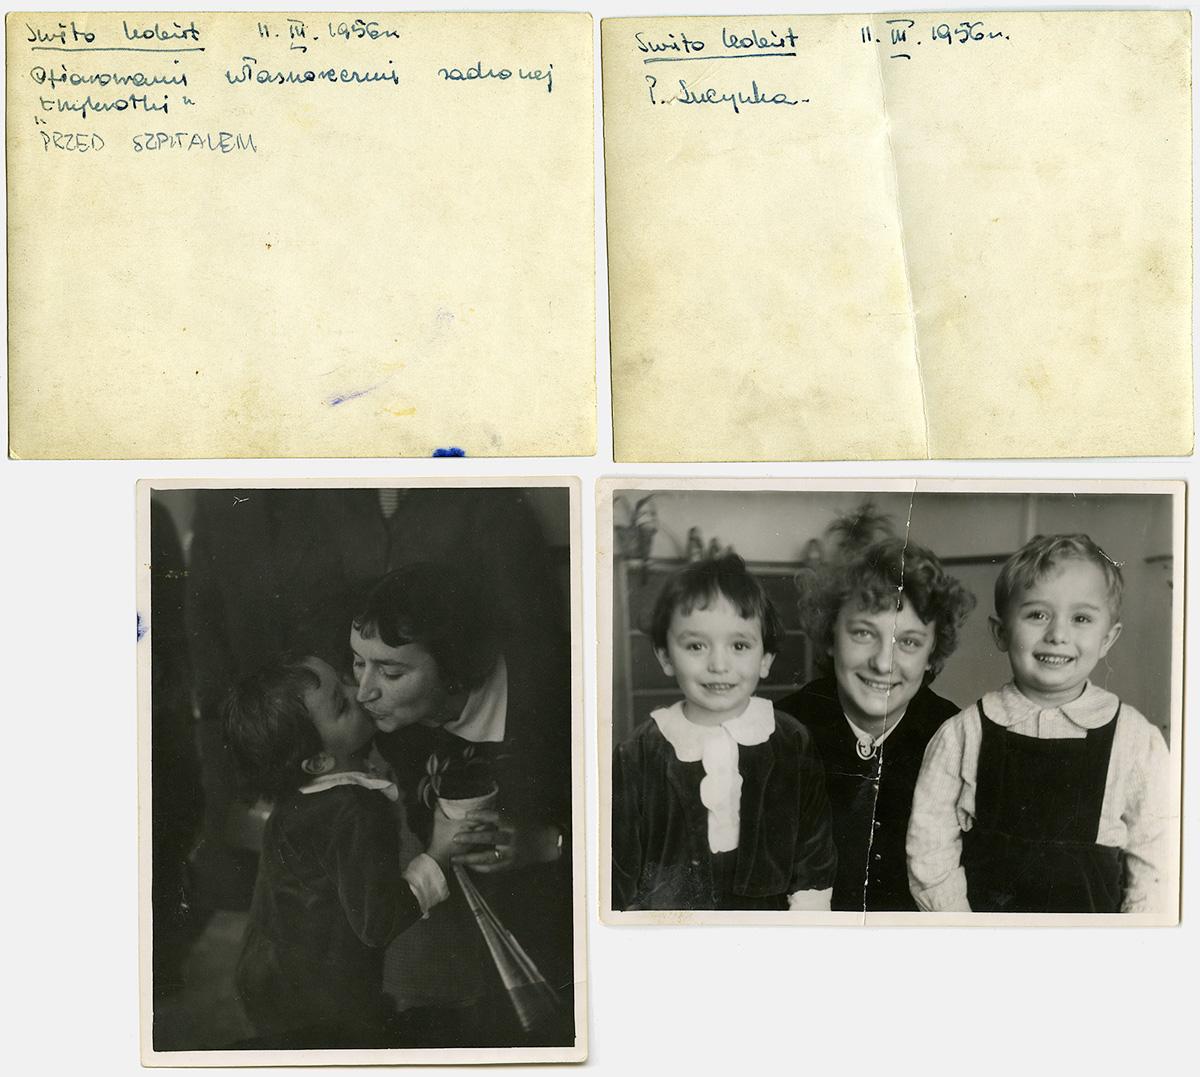 11-iii-1956-przedszkole-wyspianskiego-wwa-mirek-0-26-027-str-a-b-1200pxl